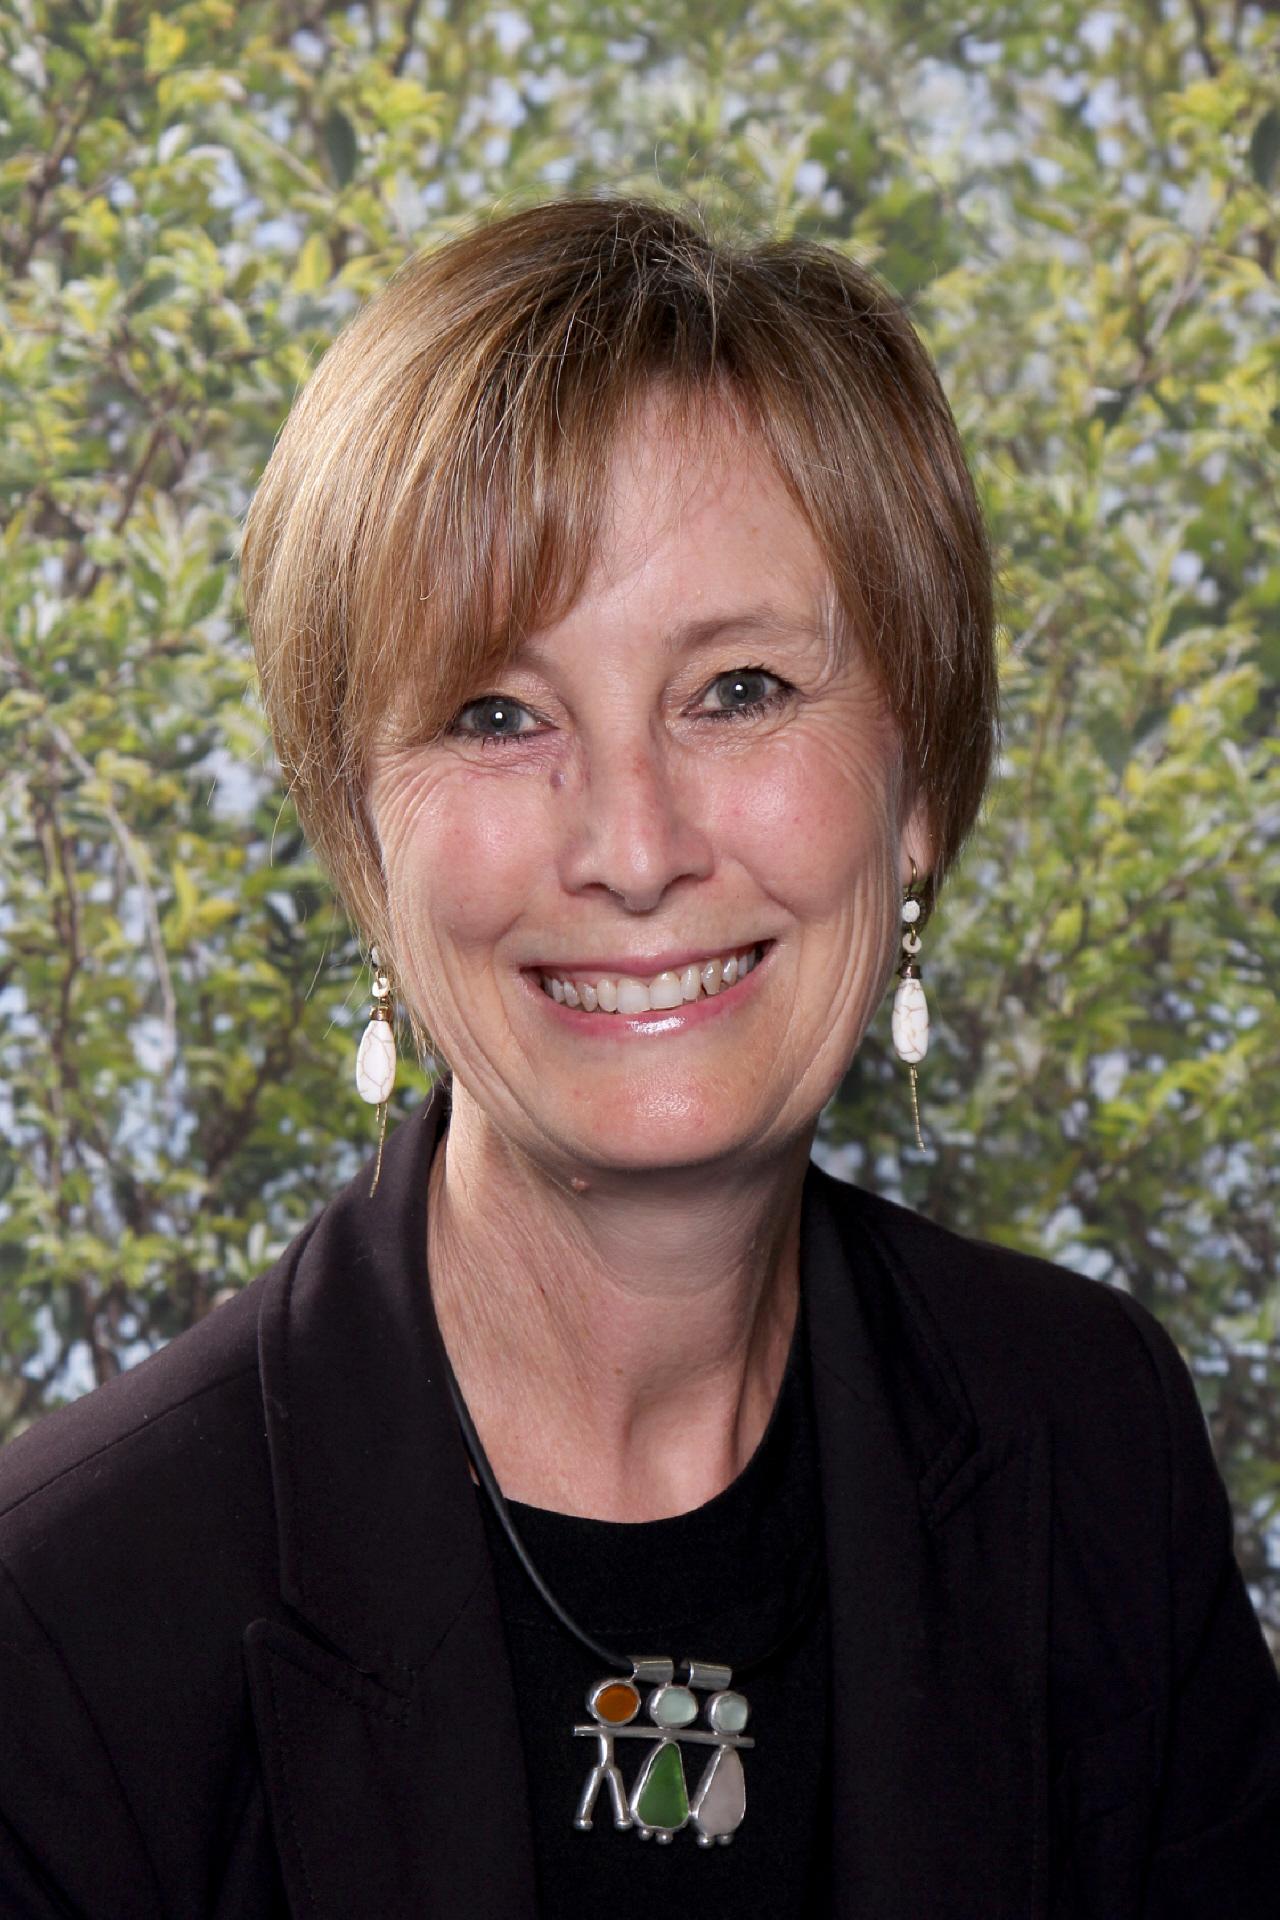 Leanne Prior